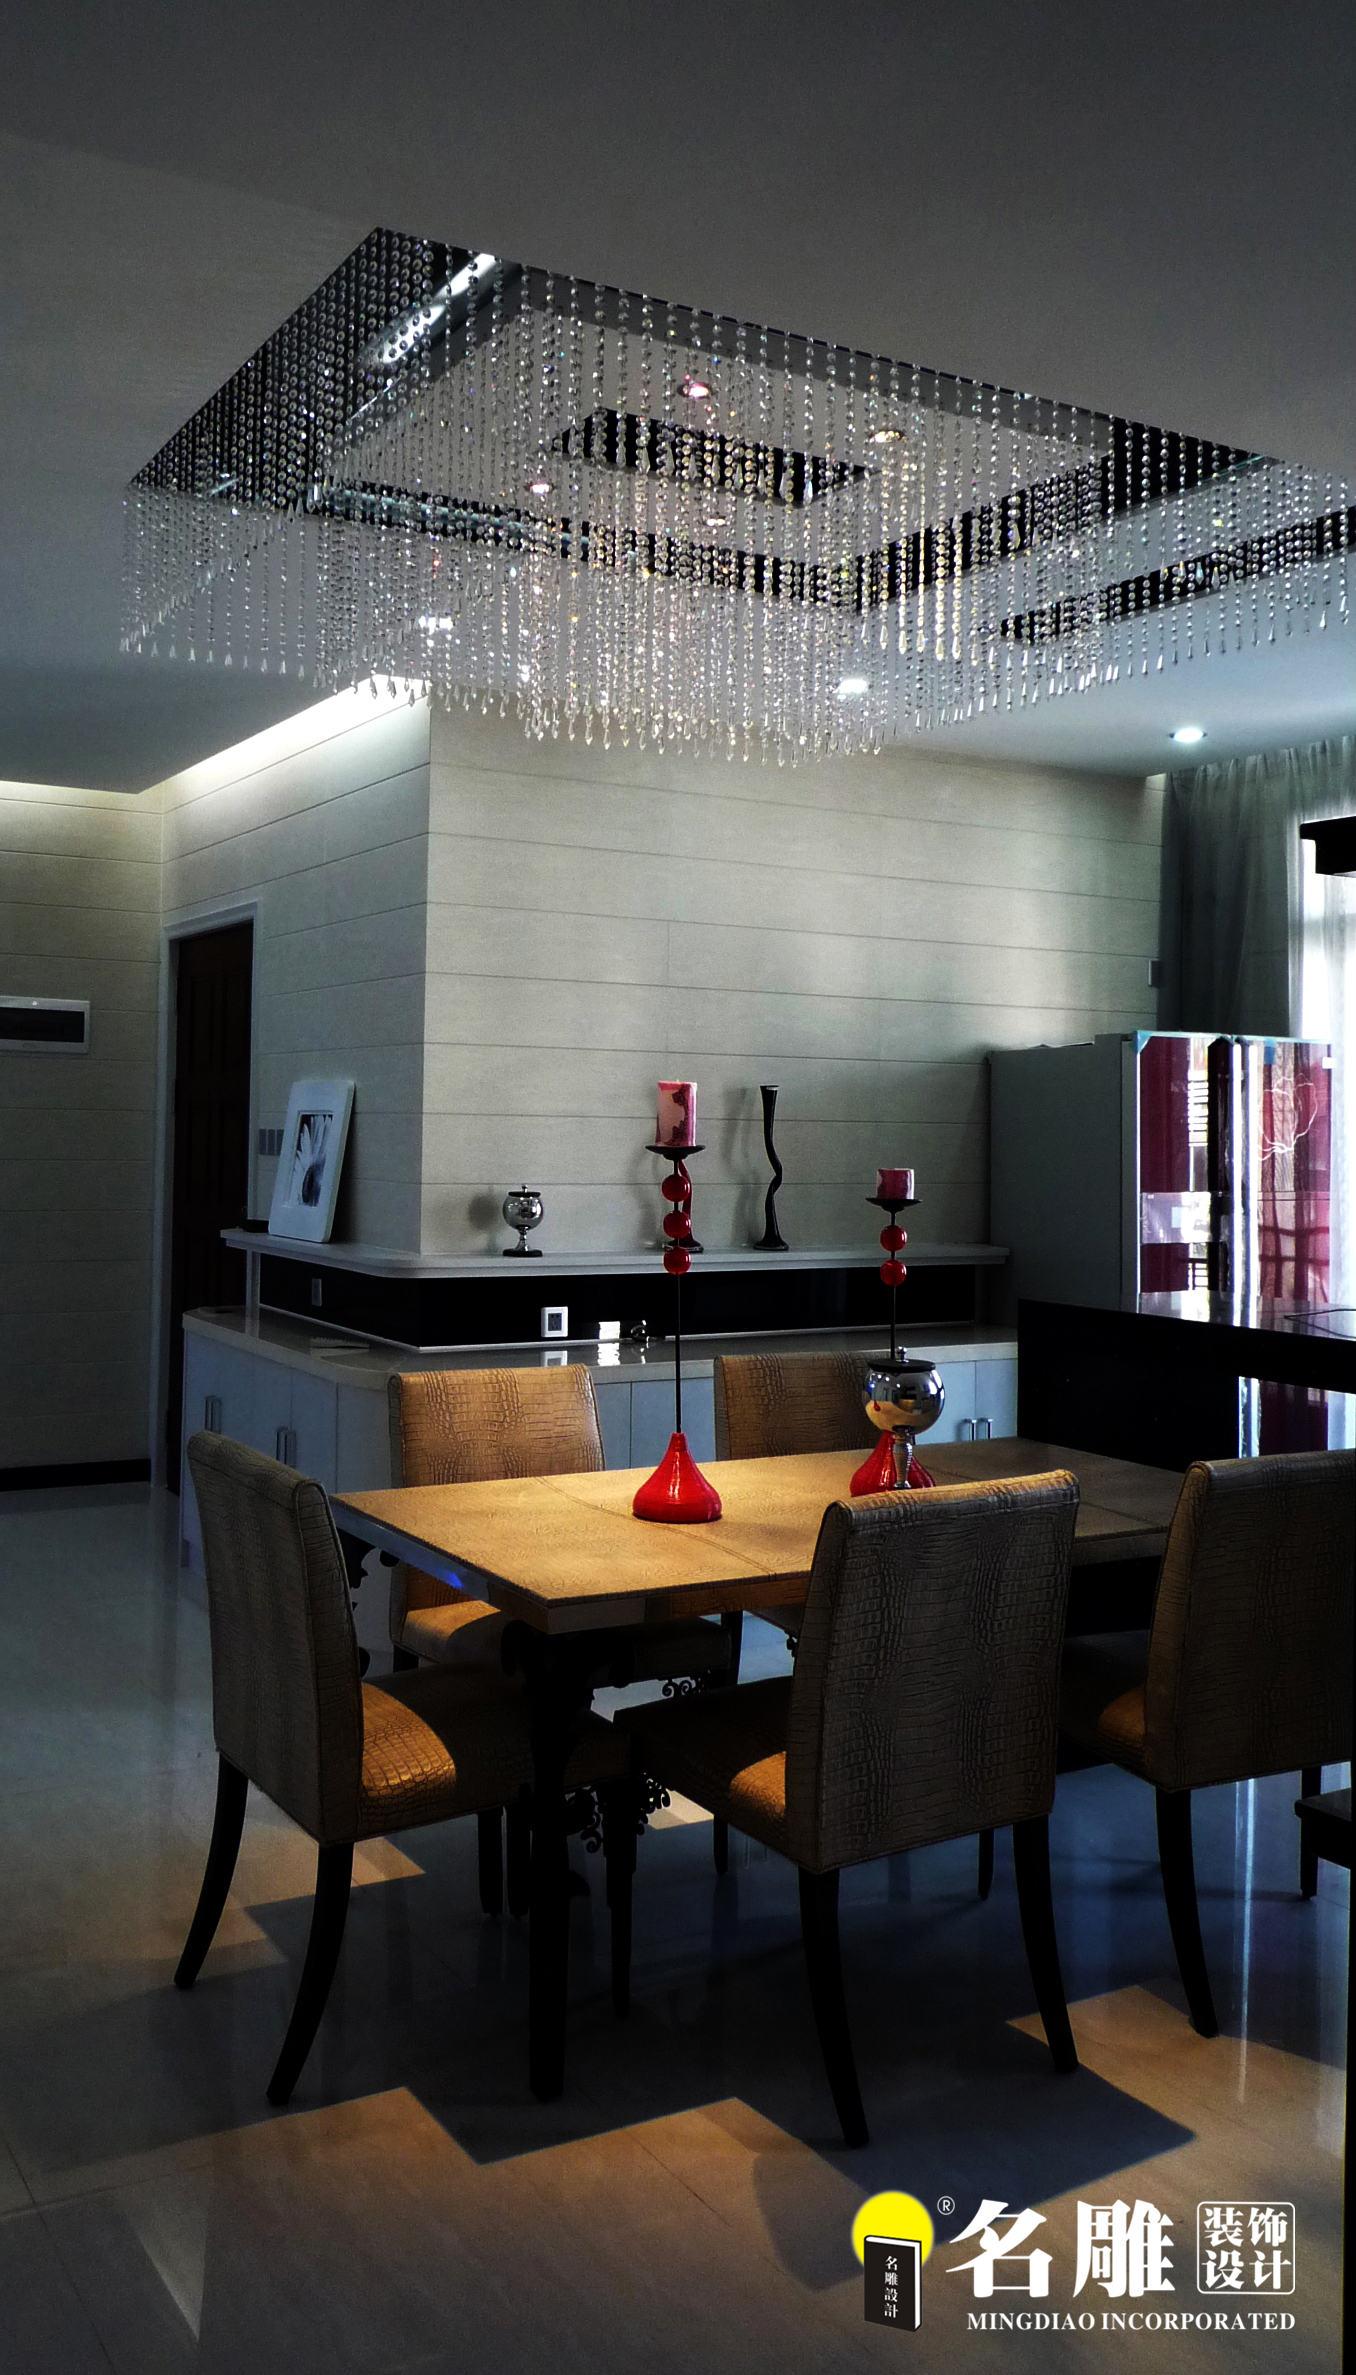 现代 三居 白领 四口之家 时尚个性 名雕装饰 餐厅图片来自名雕装饰设计在枫丹白露现代时尚三居室装修设计的分享